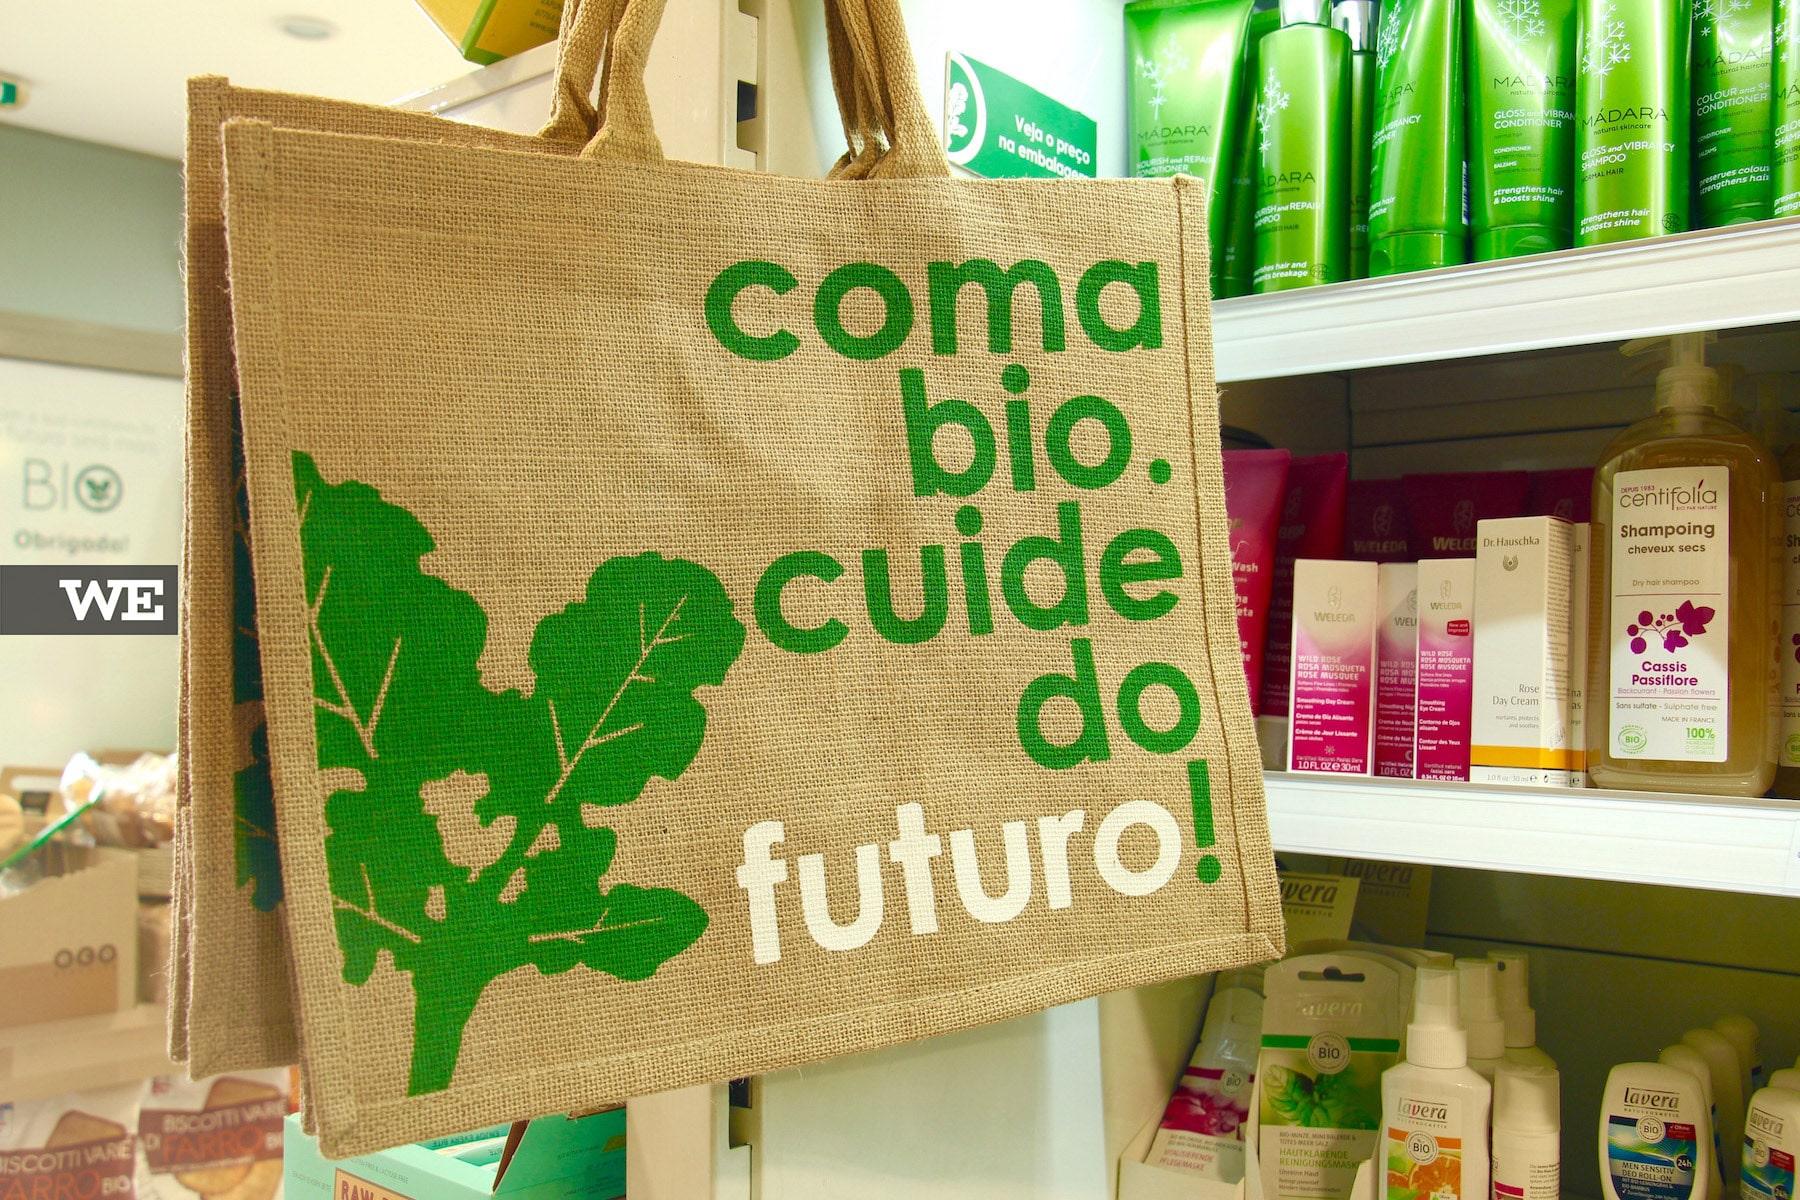 we-braga-biobrassica-mercado-produtos-biologicos-54-min